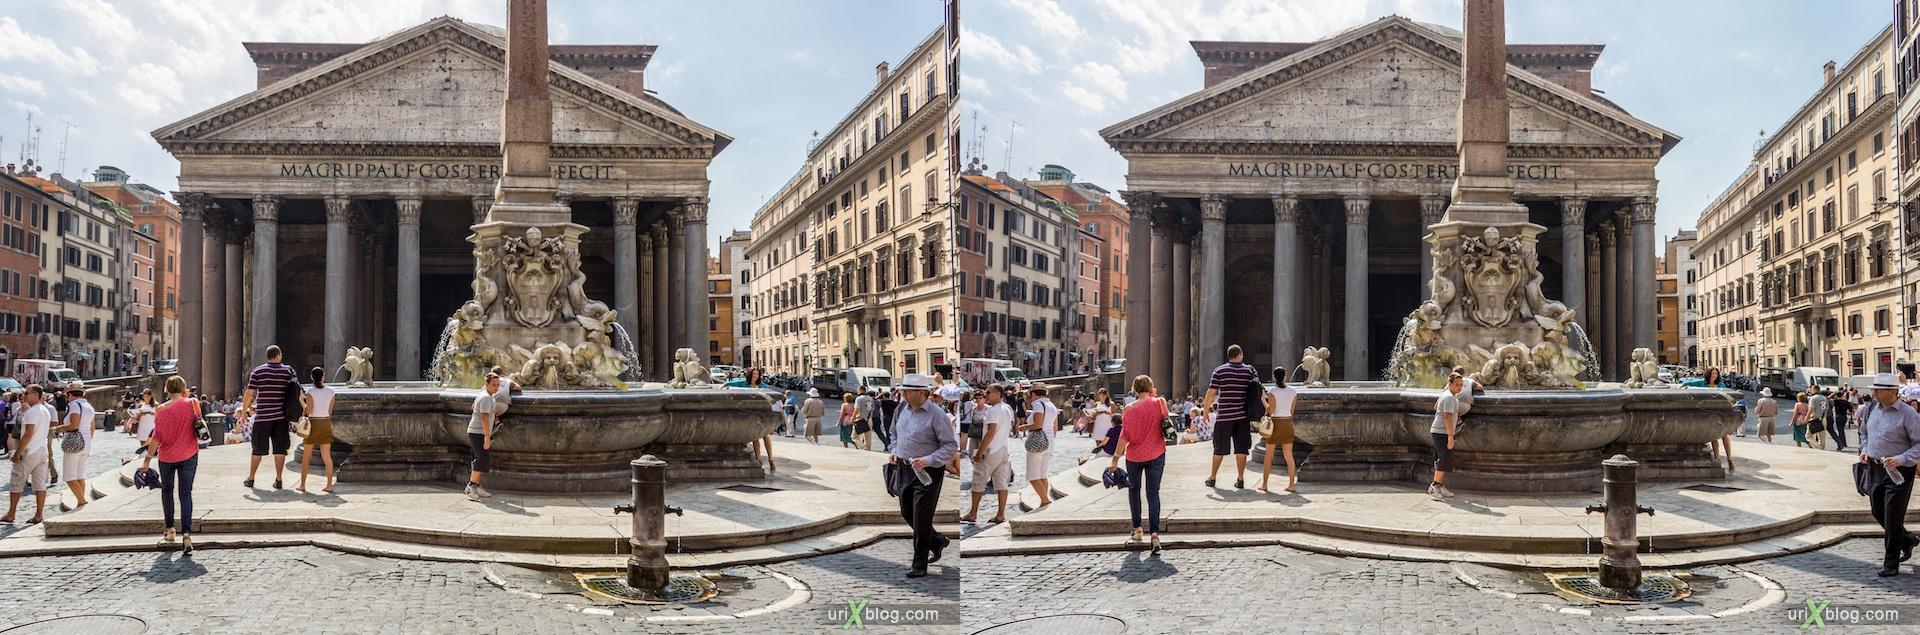 2012, фонтан, Piazza della Rotonda, Пантеон, Рим, Италия, 3D, перекрёстные стереопары, стерео, стереопара, стереопары